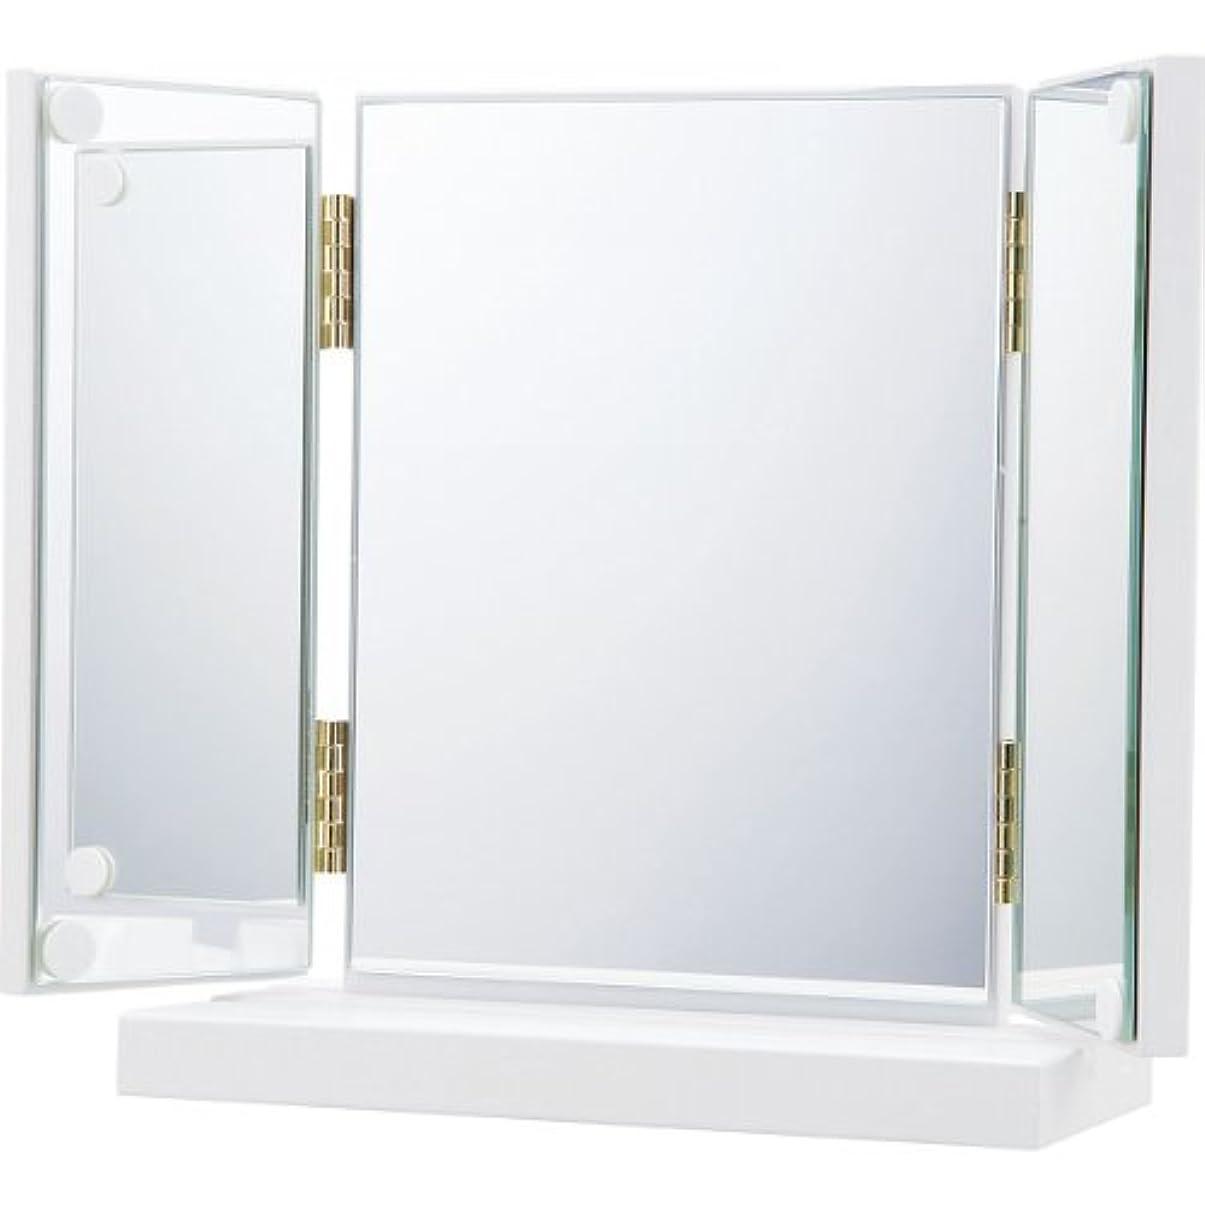 コーヒー精算キャンパスお 化粧 や ヘアーセット に 2種類 角度 調節 卓上 三面鏡 卓上 ミラー 鏡 三面 鏡 卓上 ドレッサー メイクアップ ミラー 鏡 かがみ カガミ